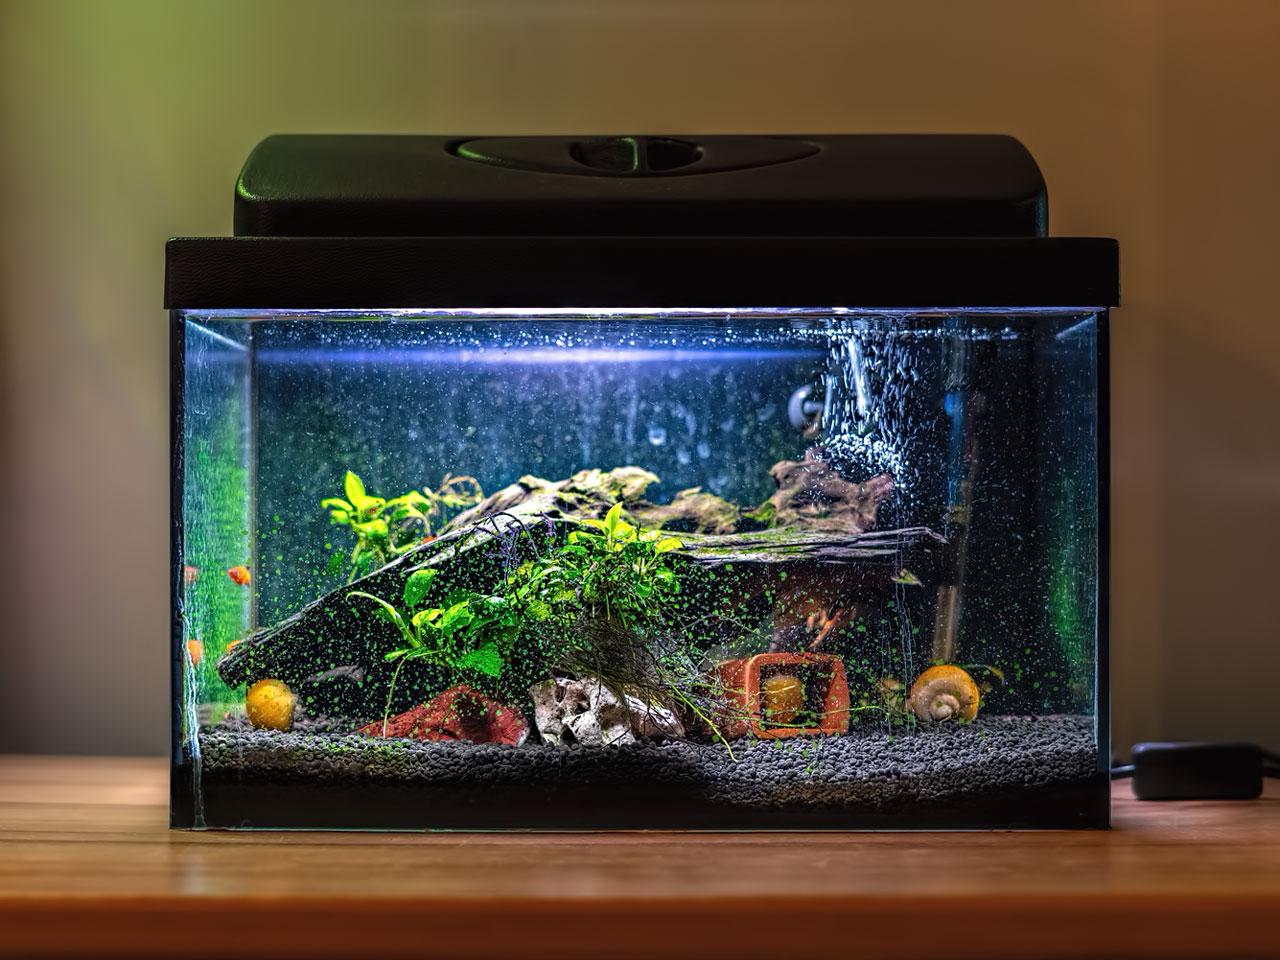 Aquarium Technik in einem Süßwasseraquarium